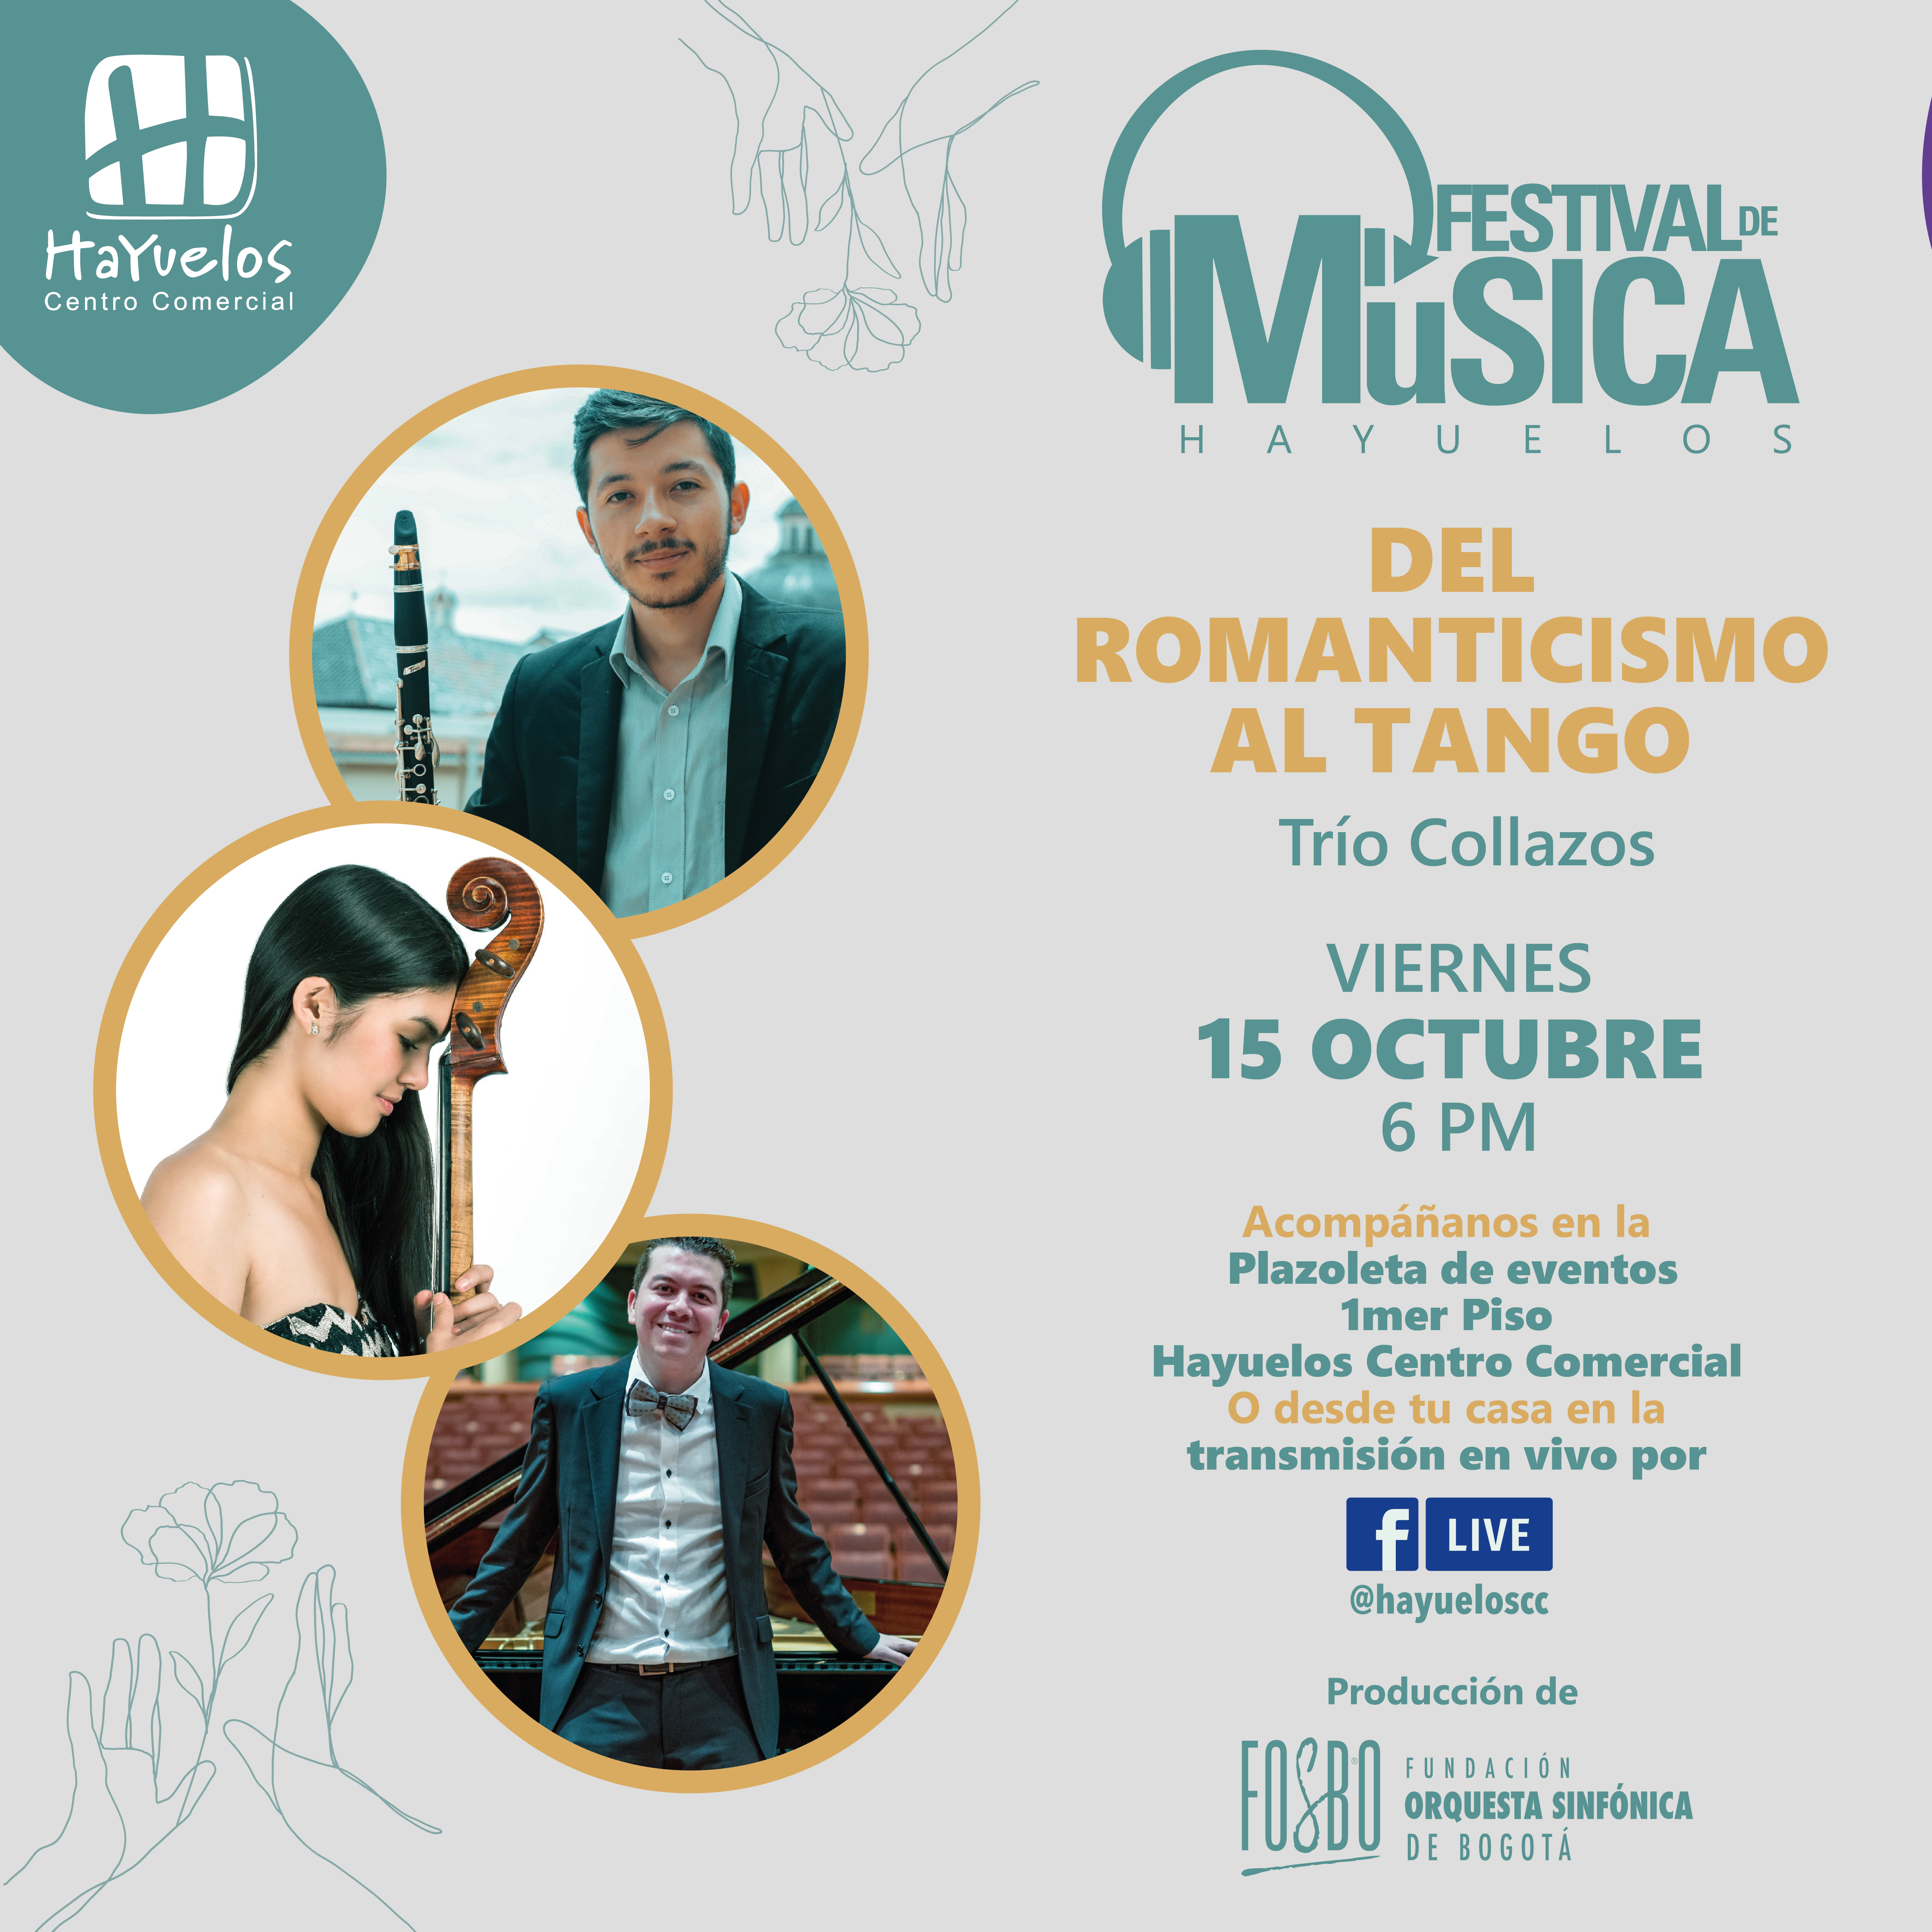 Trío Collazos Festival de música Hayuelos Fosbo